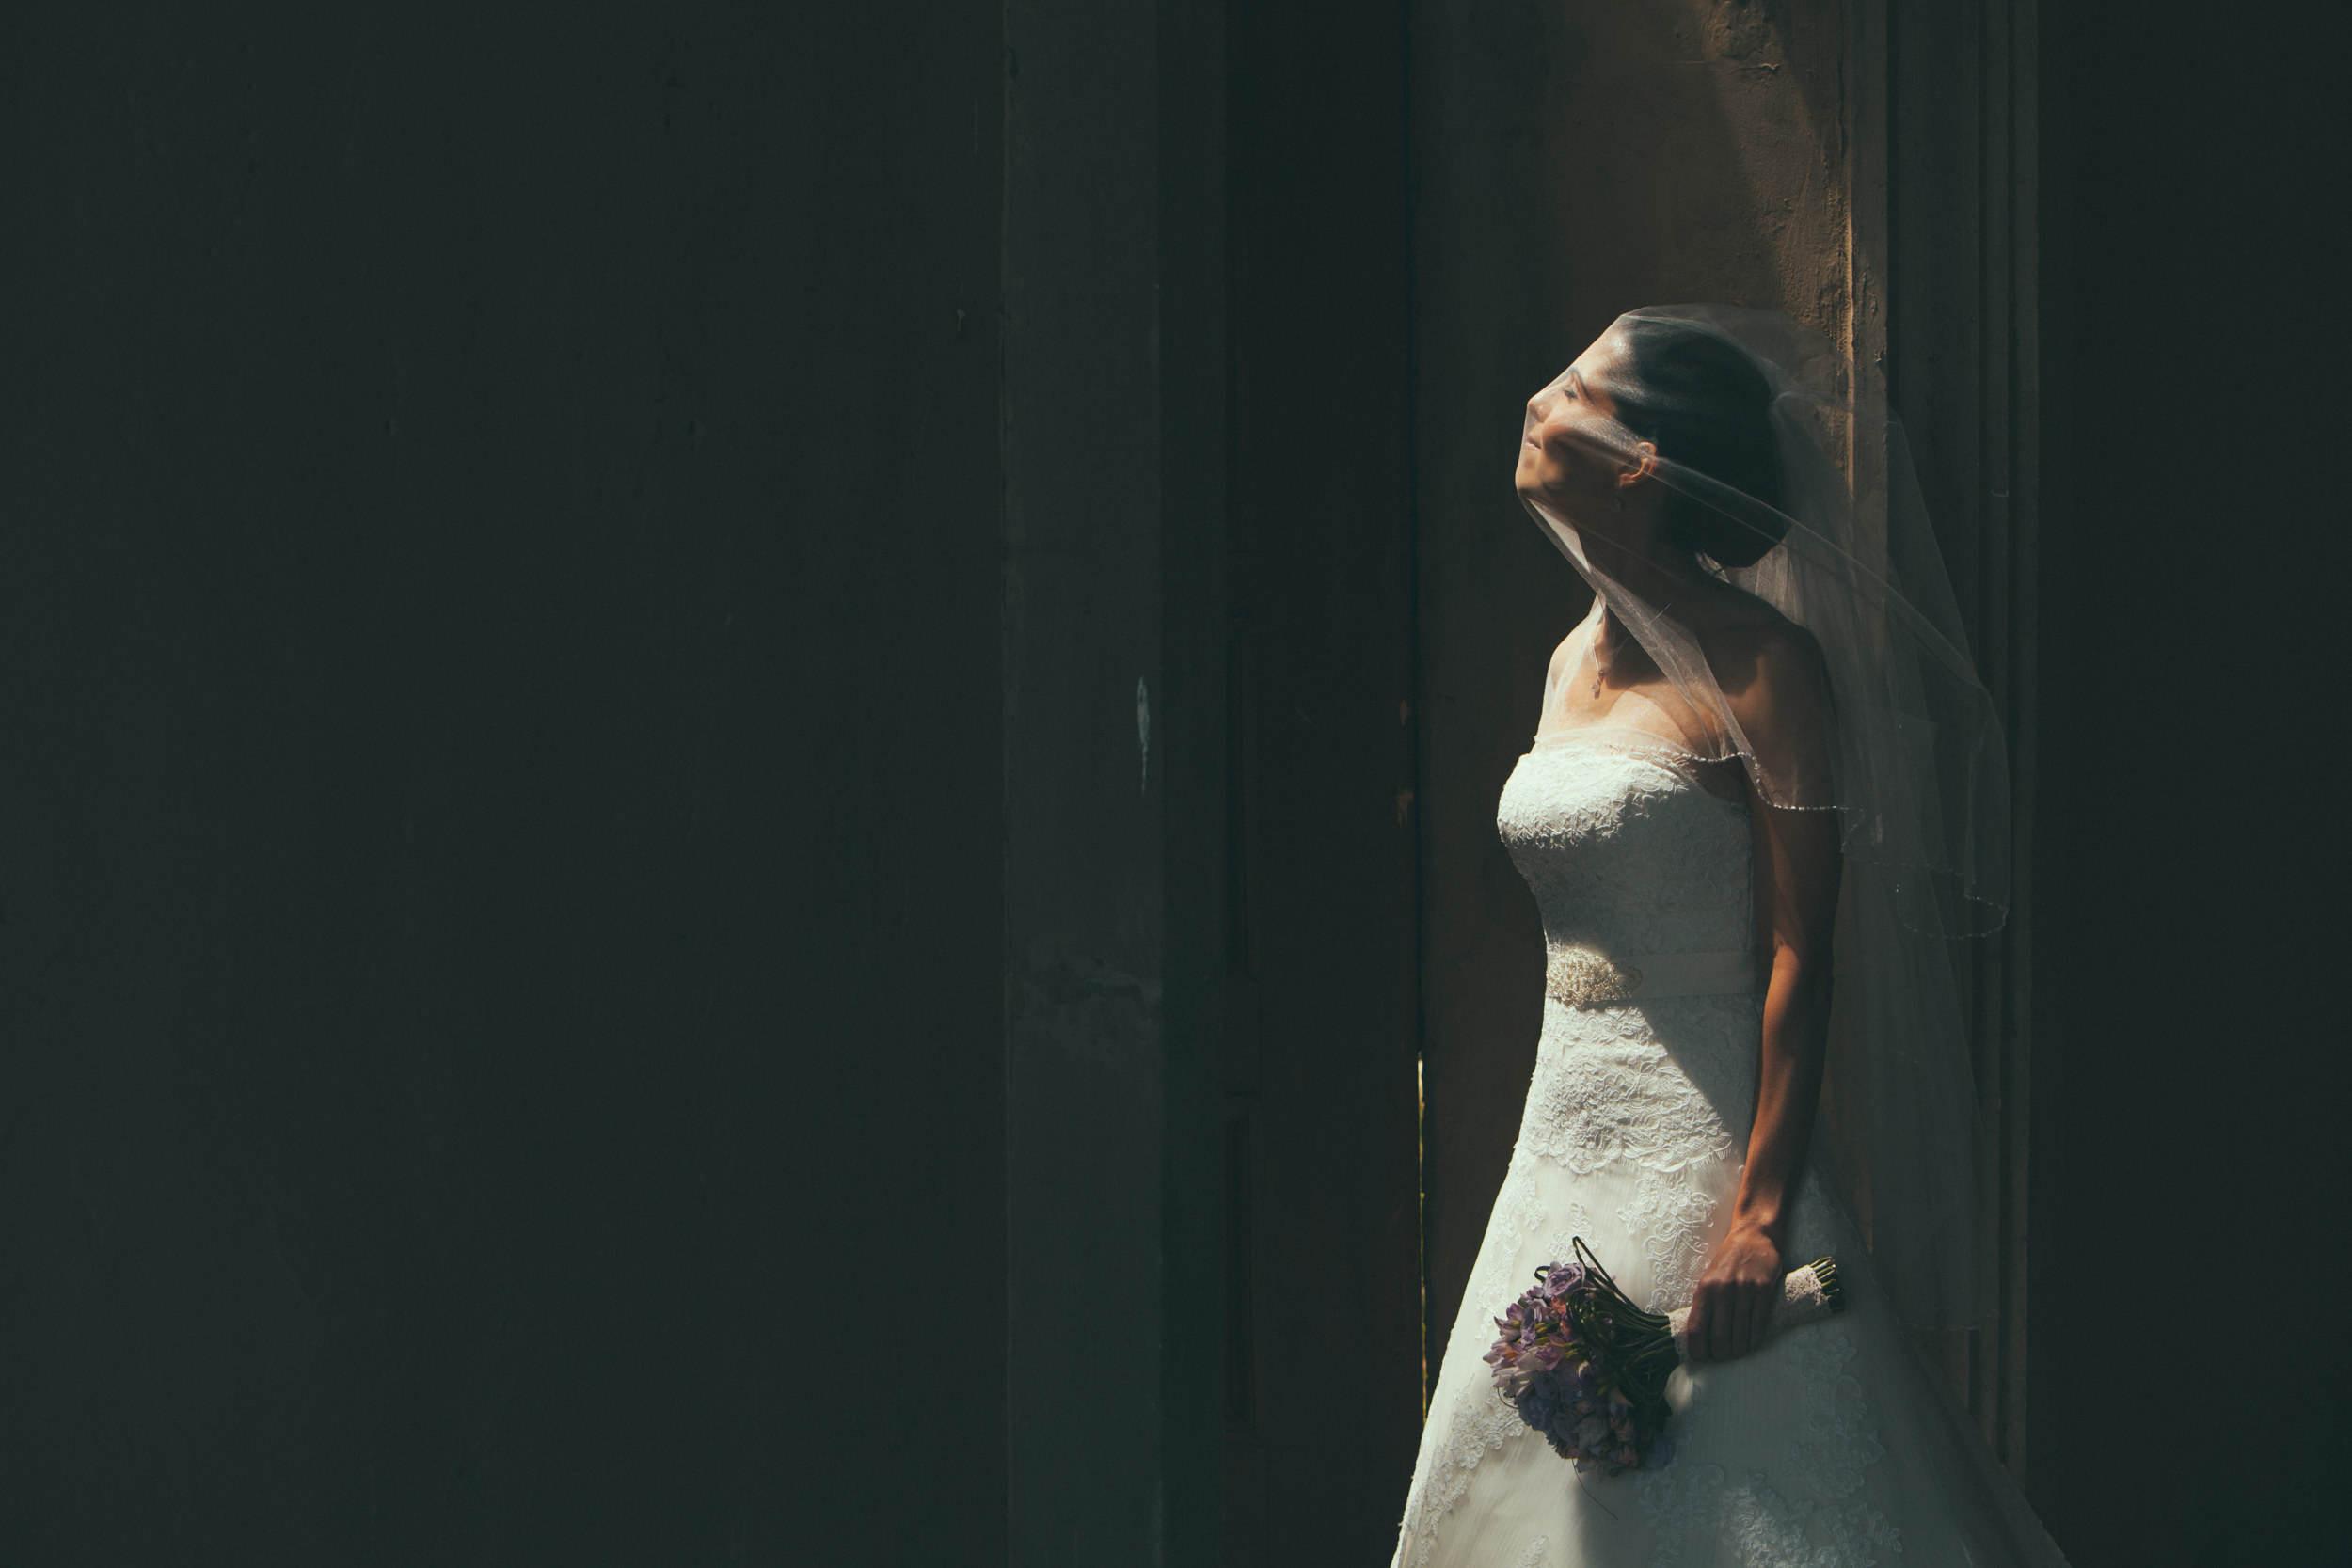 katolikus menyasszony svájc